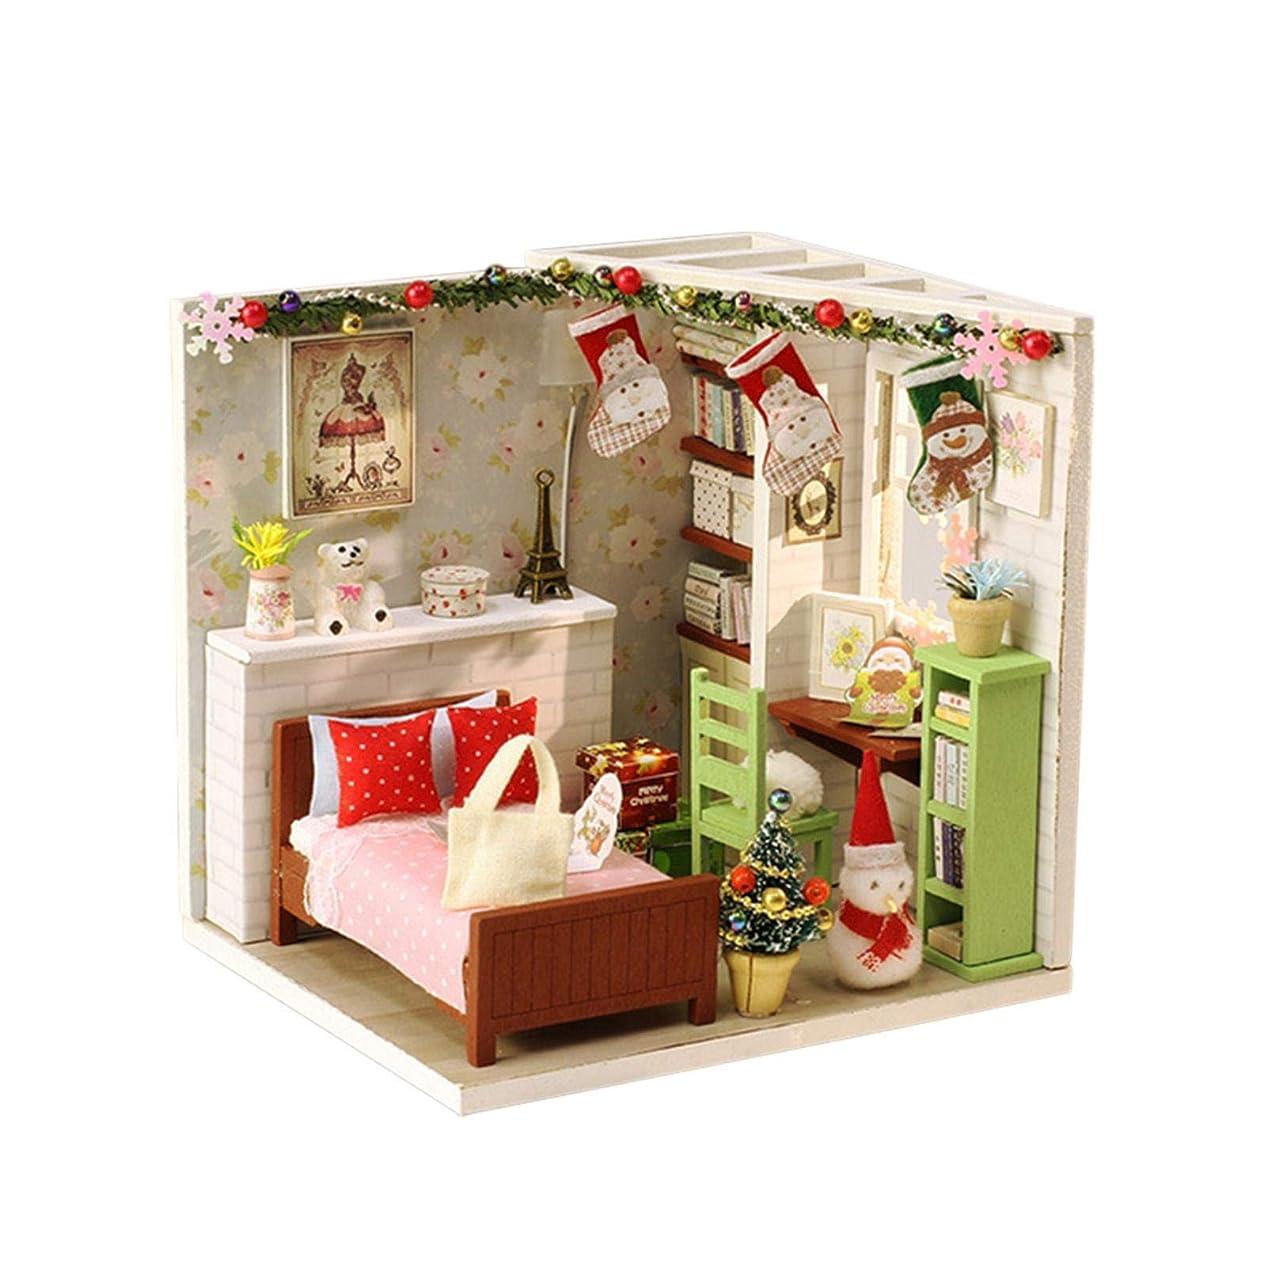 主張モジュール精度ドールハウスミニチュアキット、リアルウッドドールハウス、家具付きドールコテージ、手作りの模型パズル木製おもちゃ、DIYのおもちゃとプレイハウスのおもちゃ、子供用DIYドールハウスキット